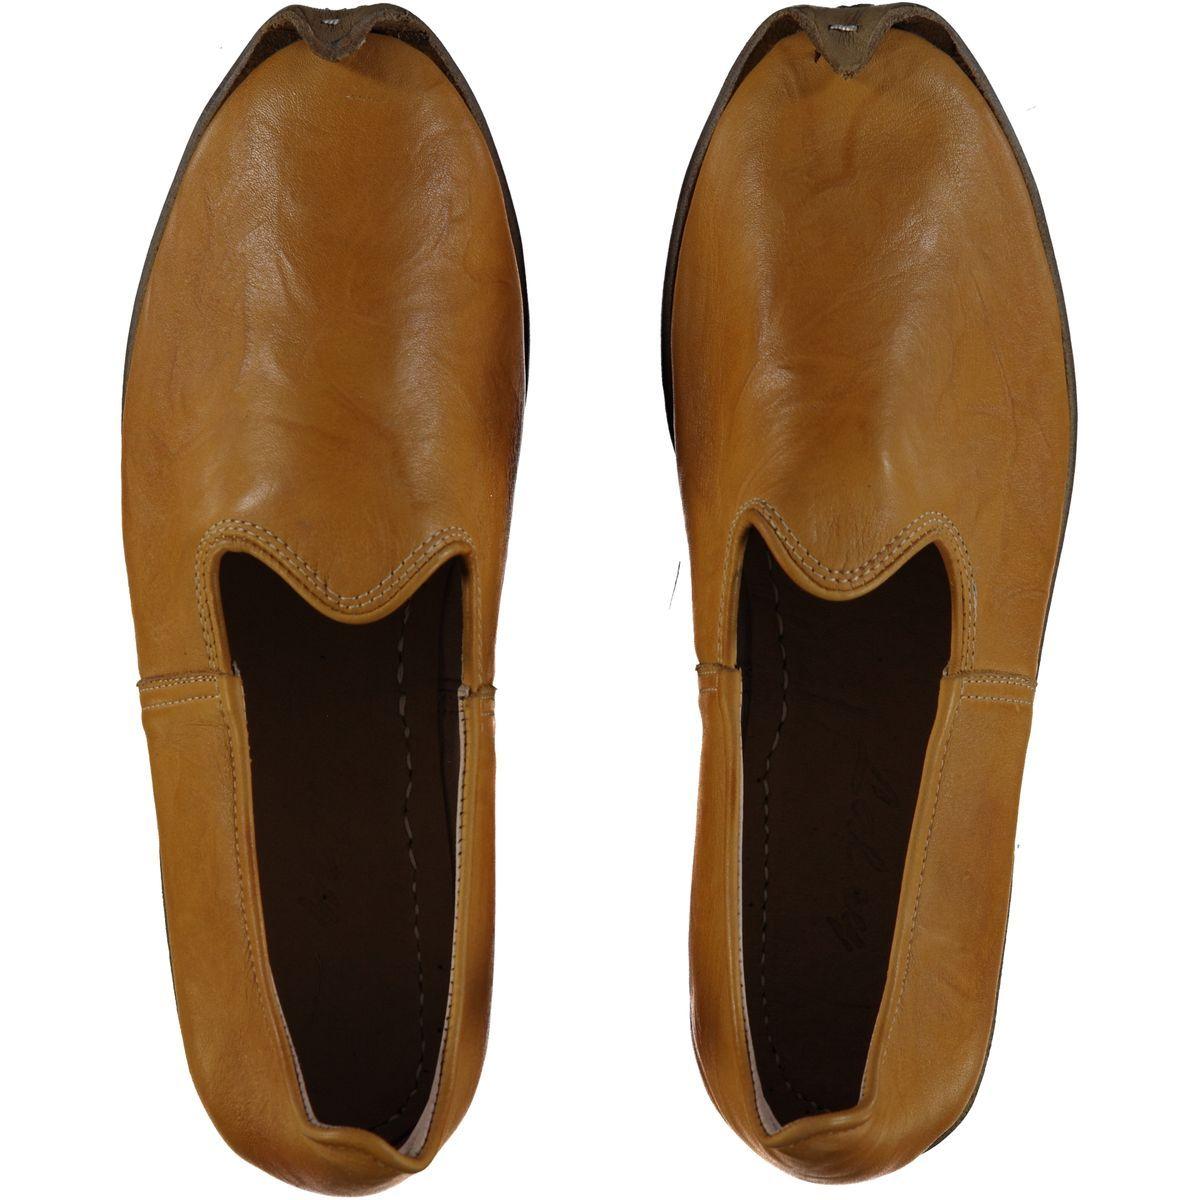 Shoe - Babouche / Leather / Handmade - Yellow